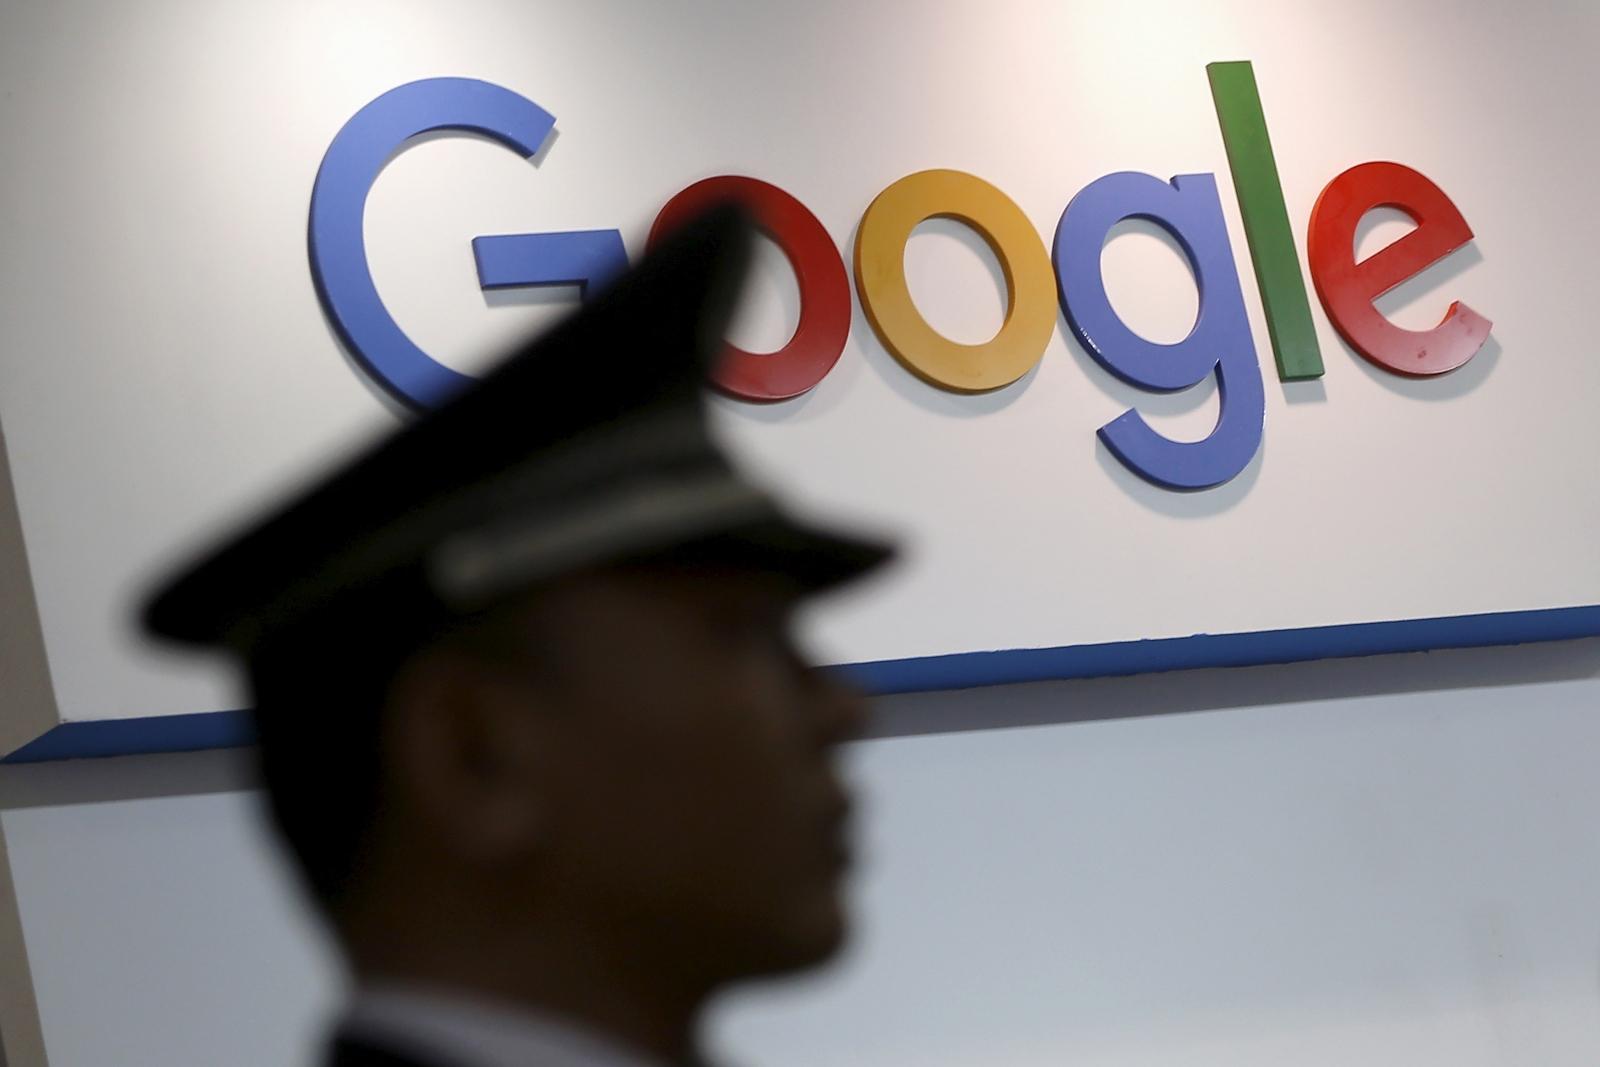 Google Madrid offices raided